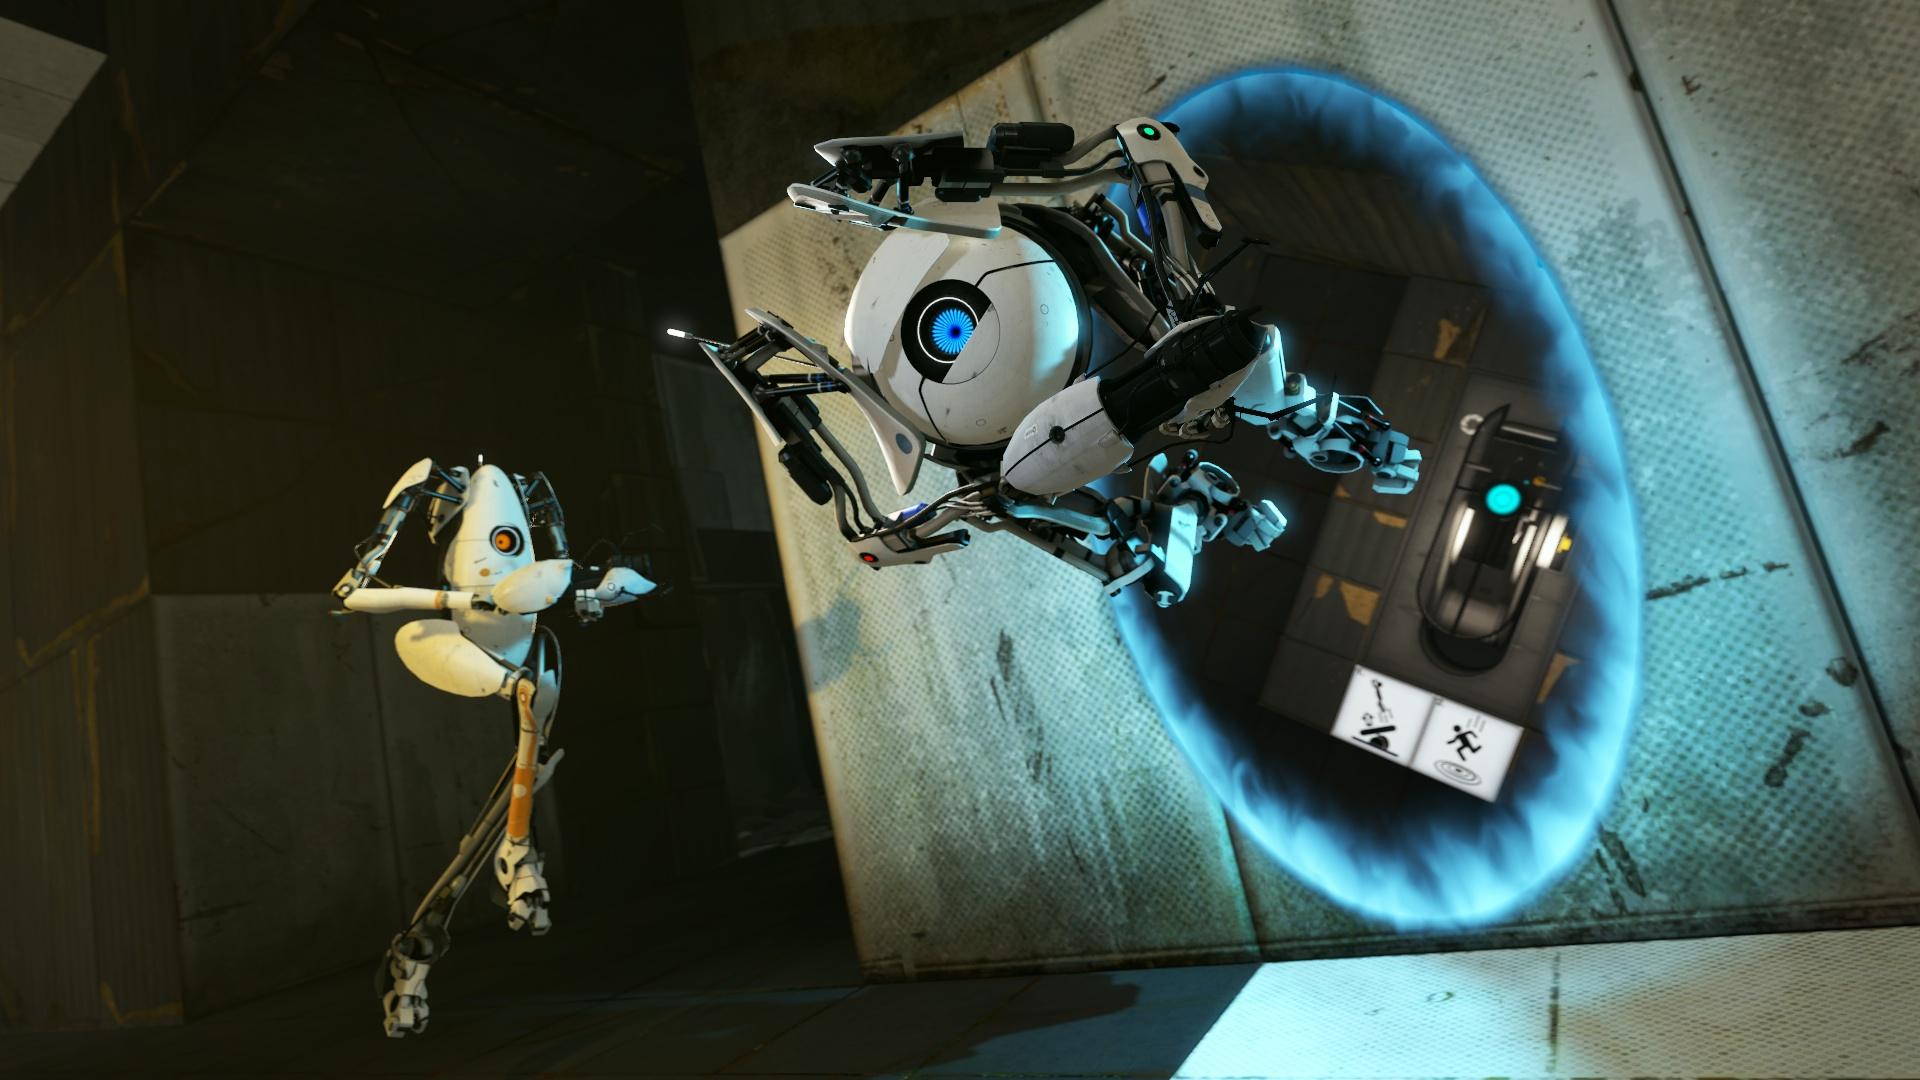 Best PC games: Portal 2